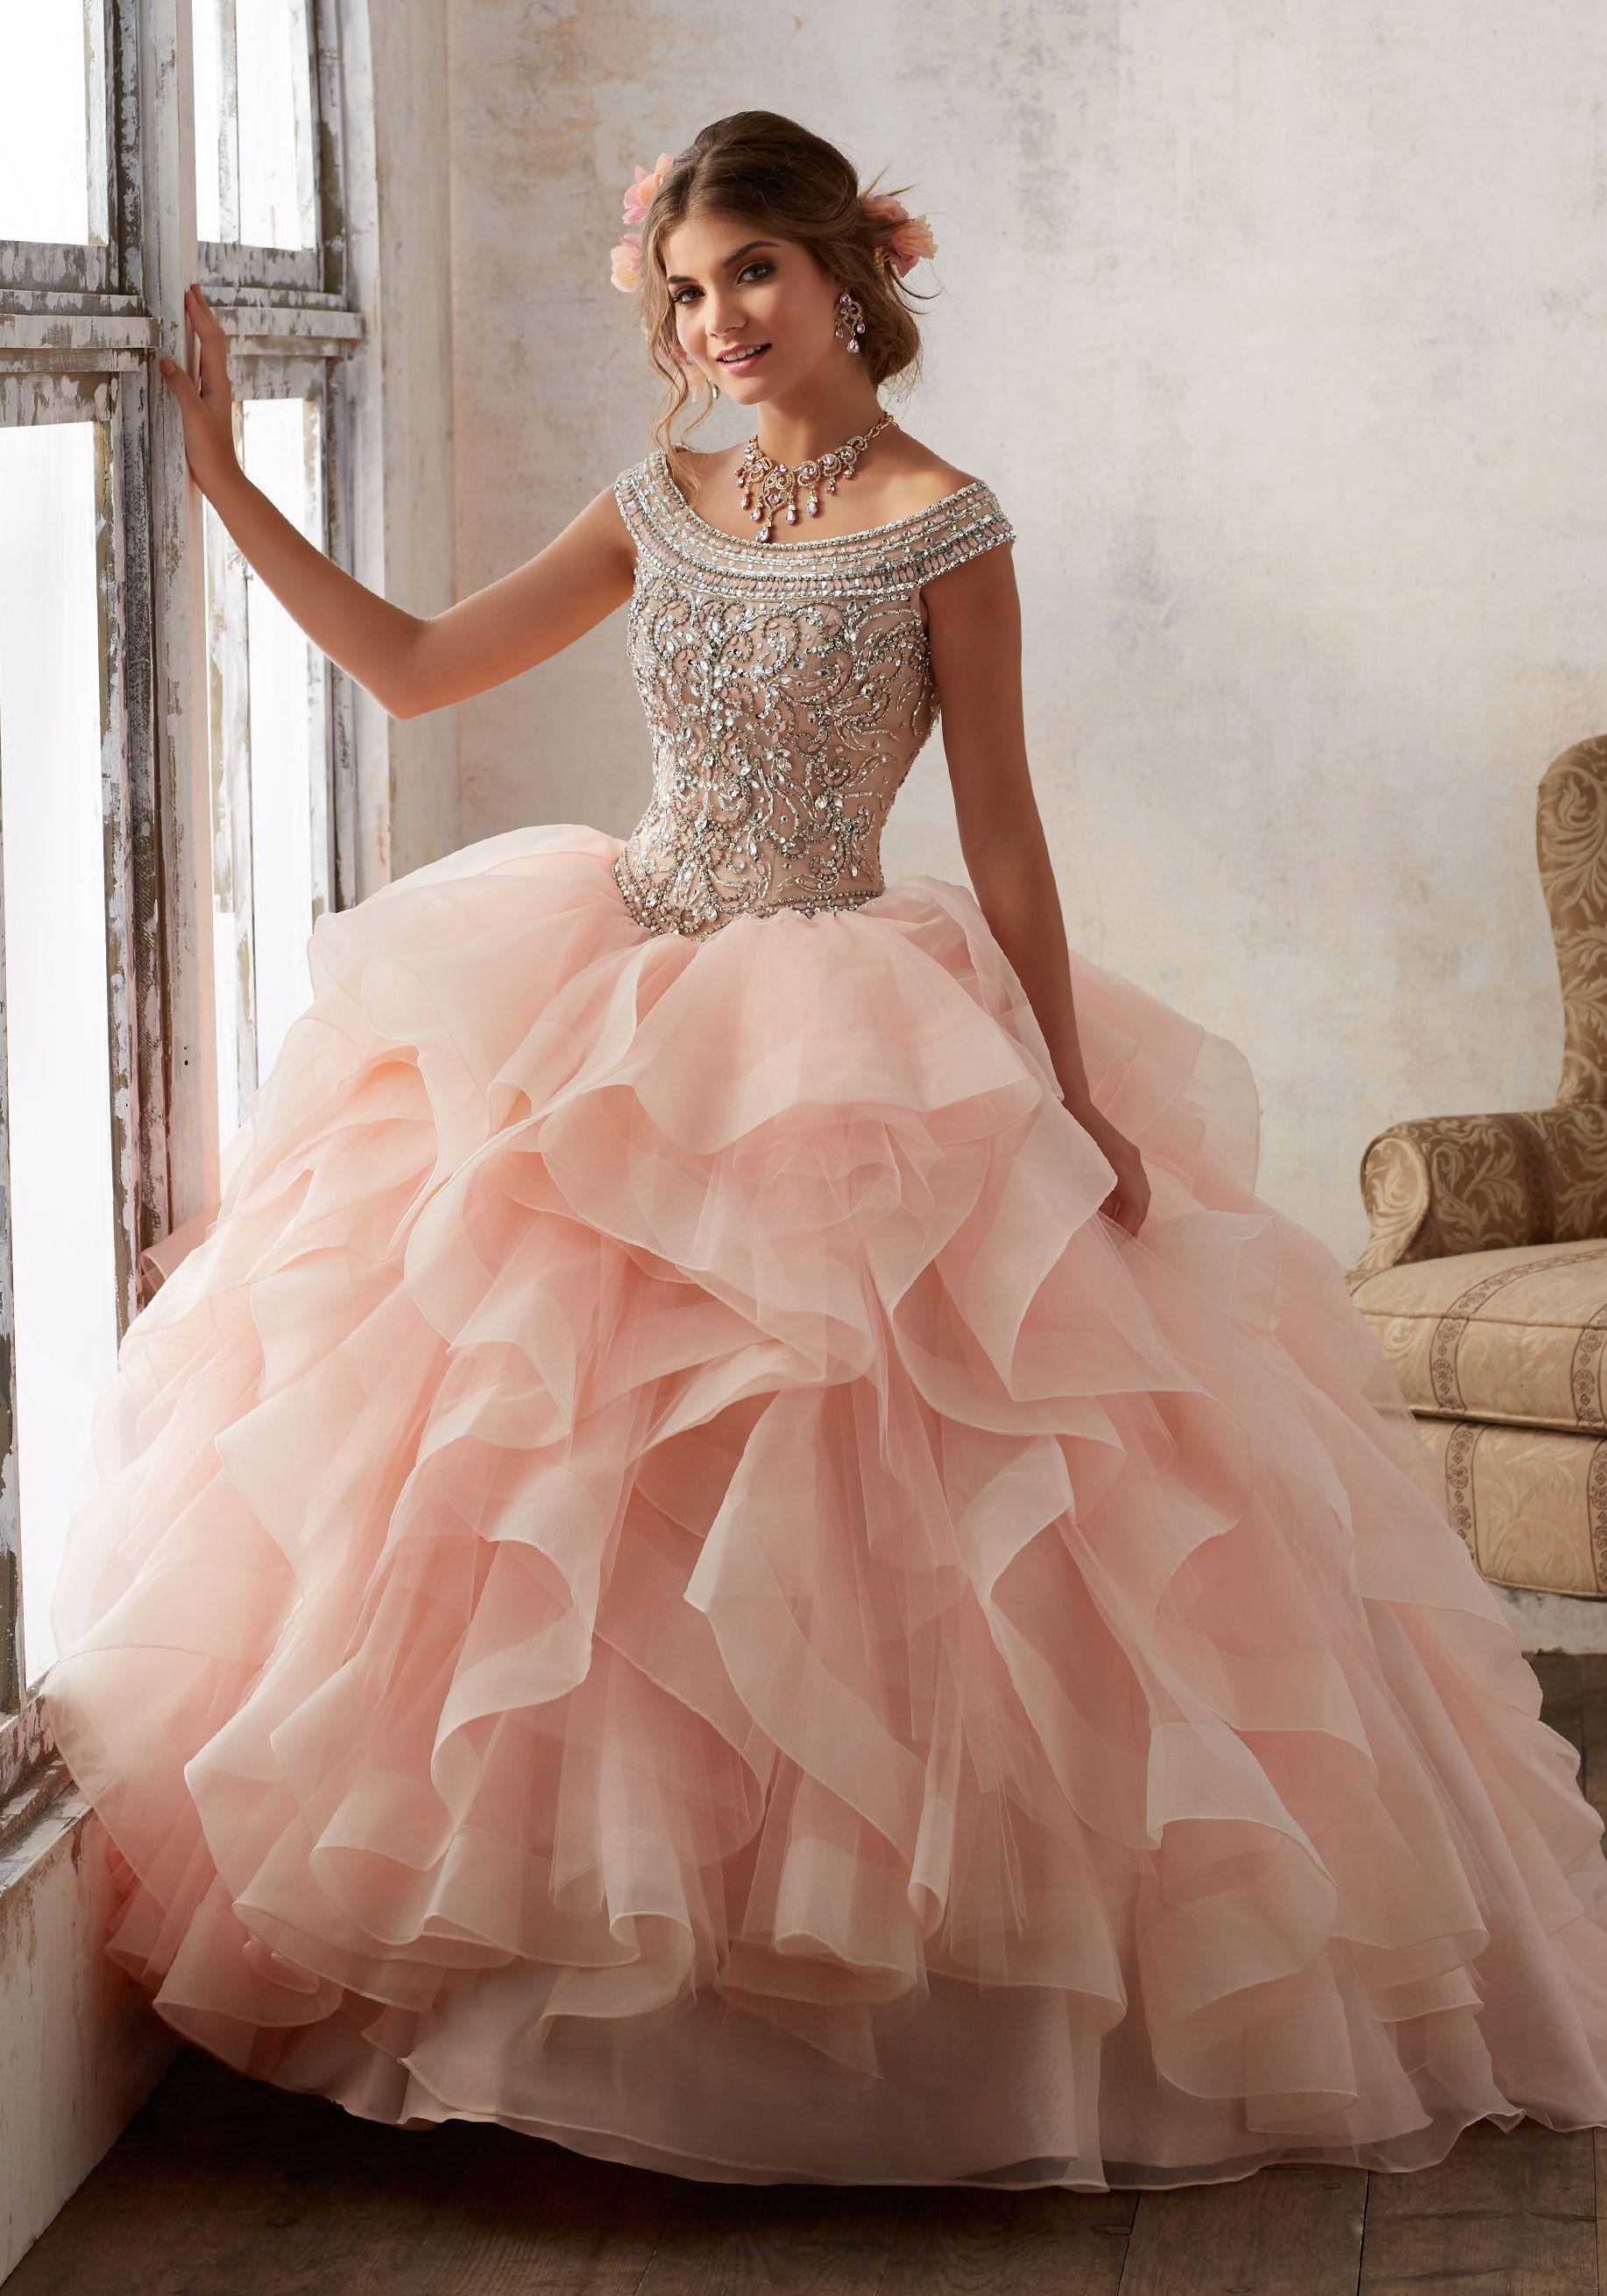 20 New Off-the-shoulder Quinceanera Dresses - Quinceanera 36b0ddc81b26